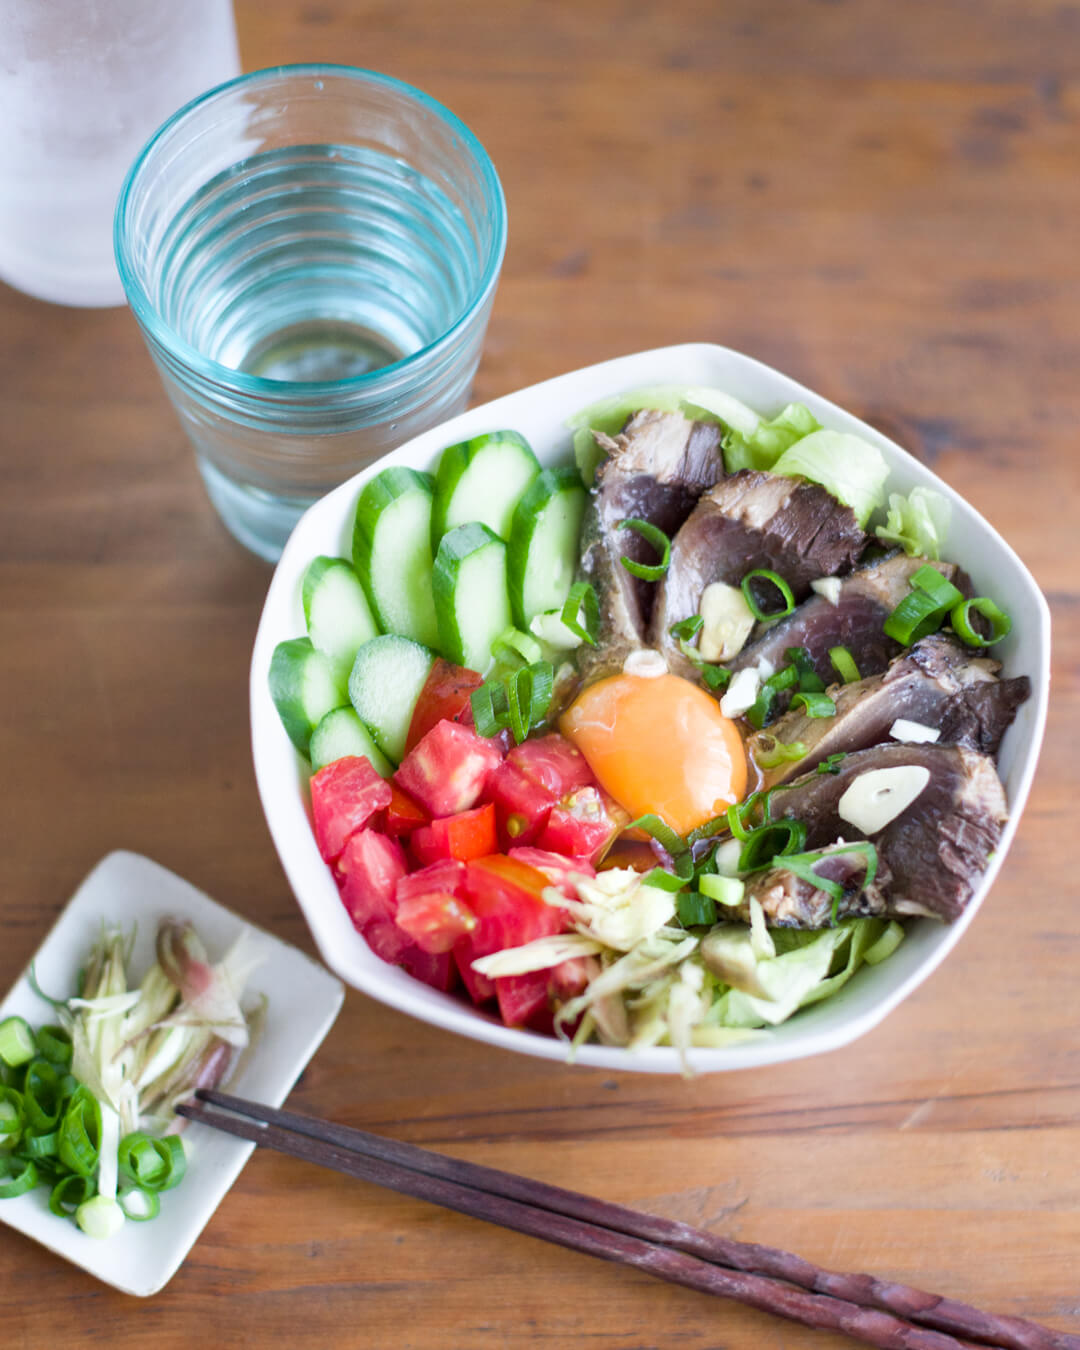 カツオのたたき丼 夏野菜たっぷり